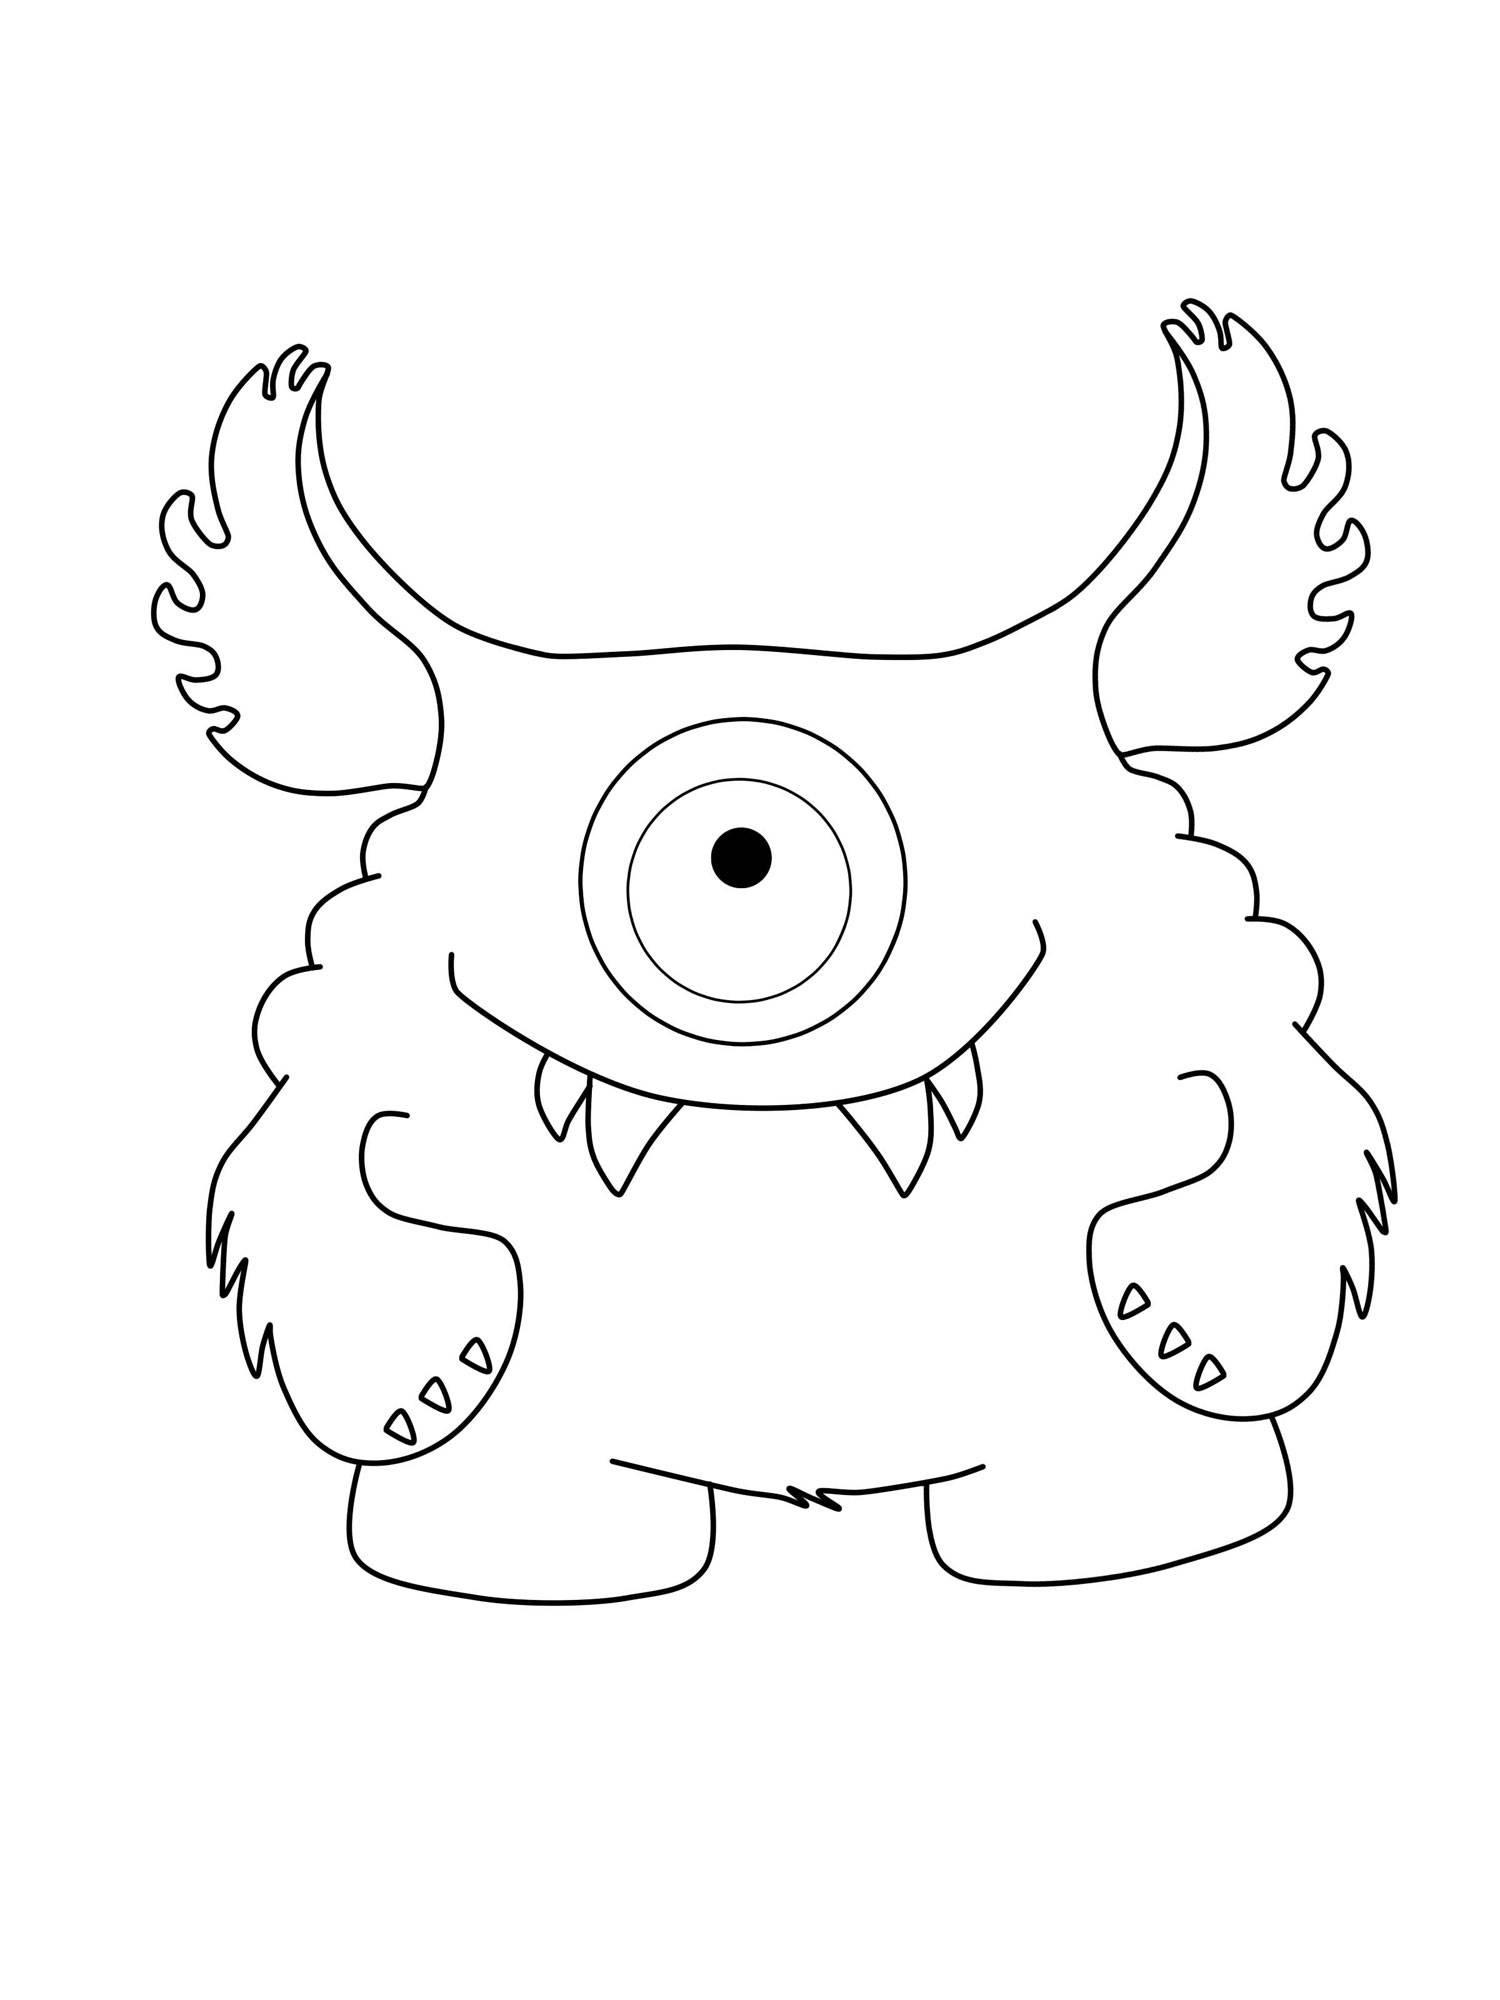 Ausmalbild Halloween Einäugiges Monster Mit Großen Ohrern Kostenlos Ausdrucken